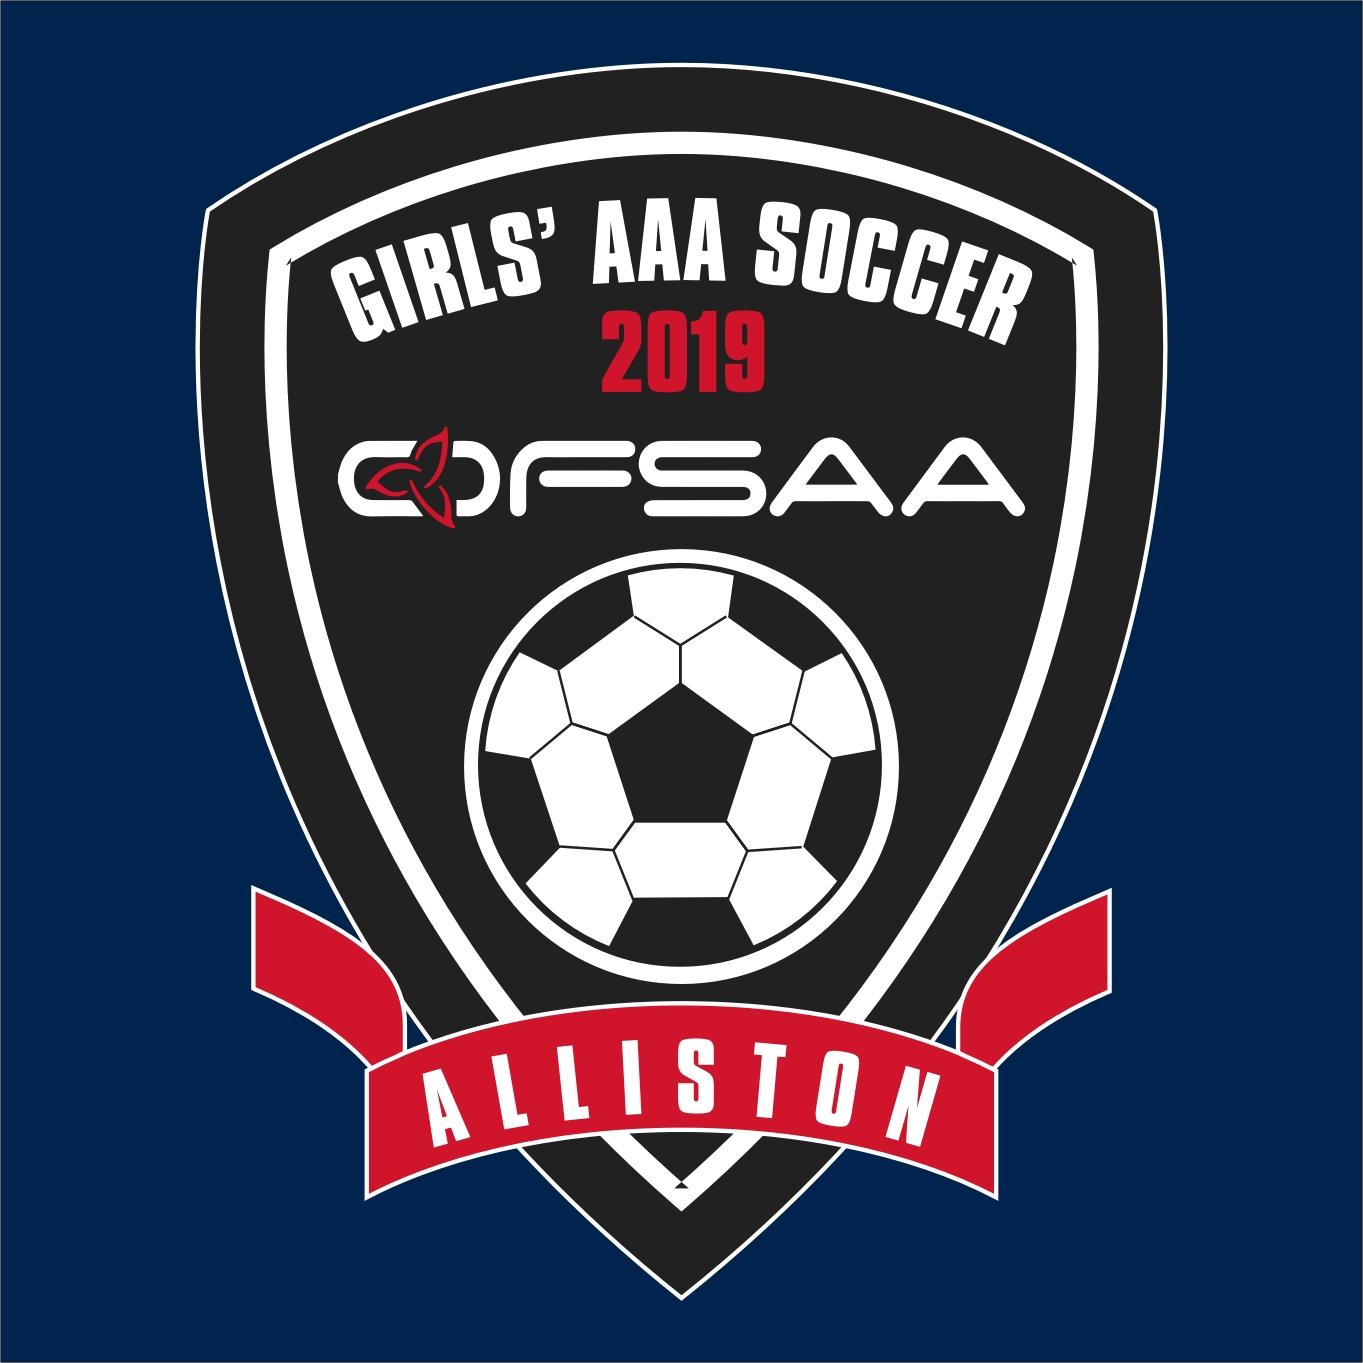 2019 Girls AAA Soccer logo navy.jpg